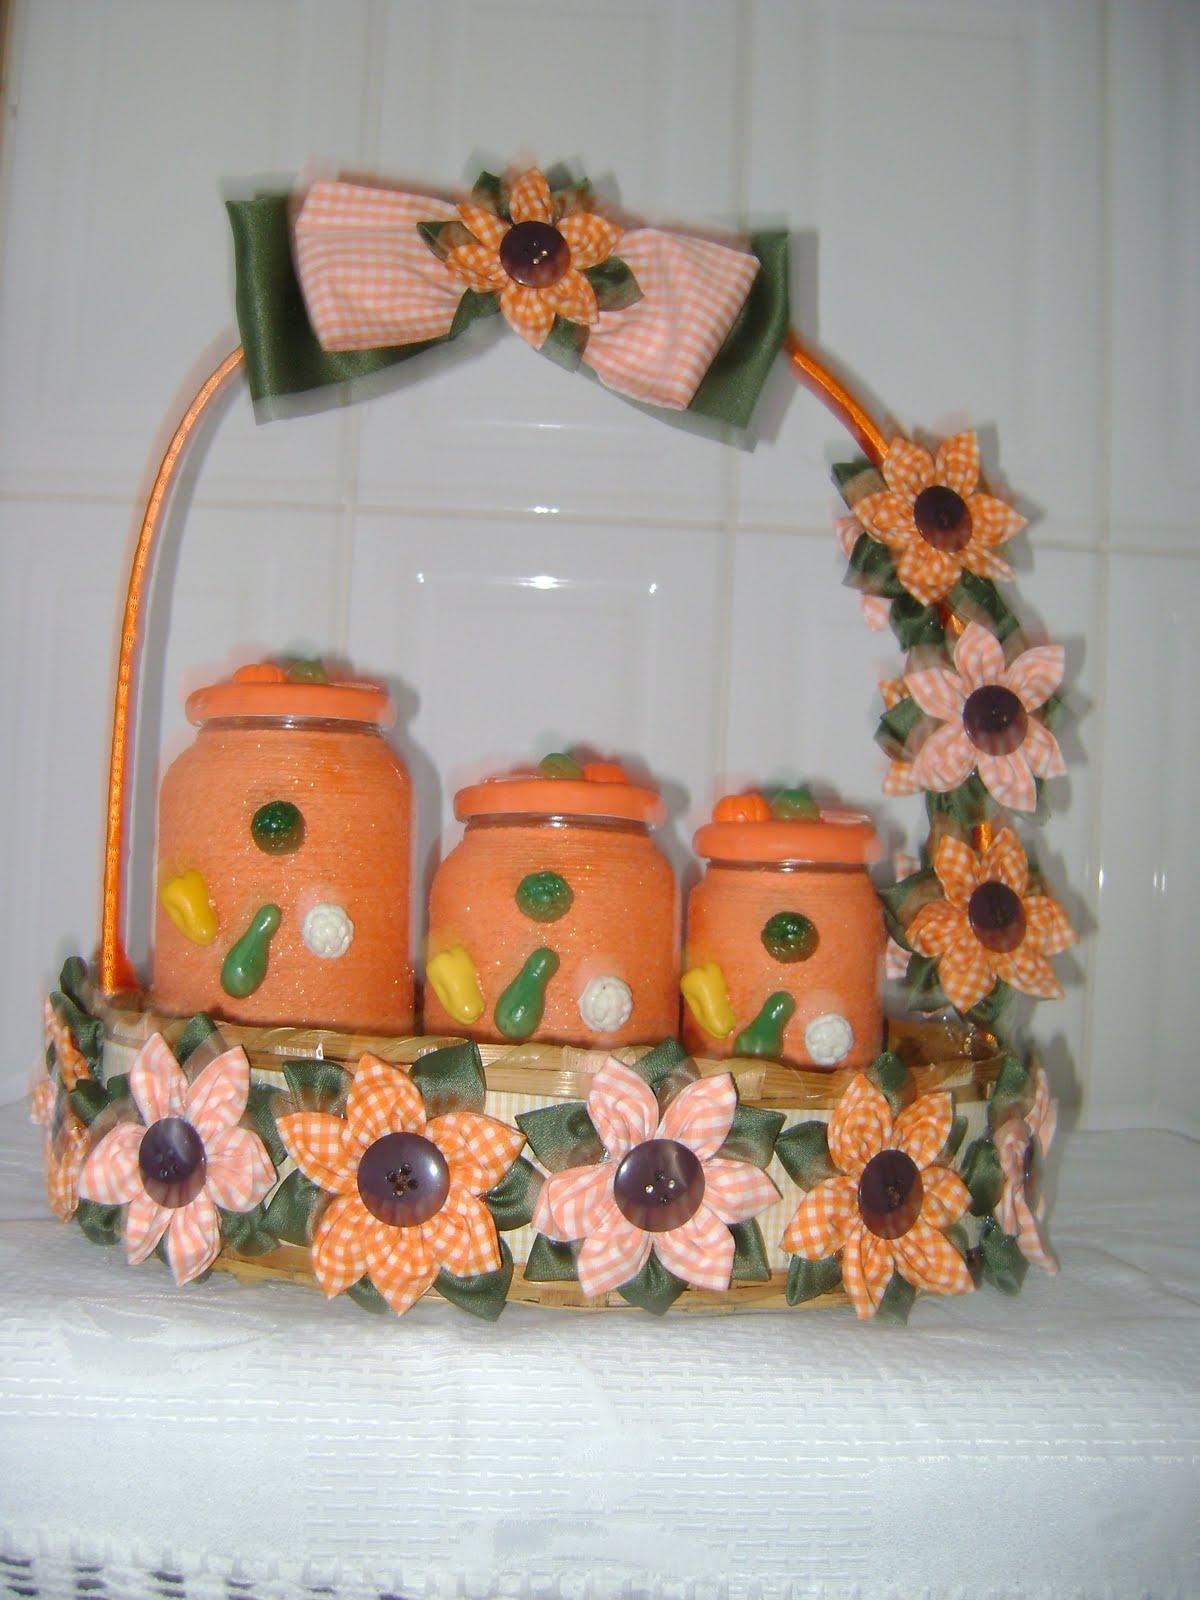 http://3.bp.blogspot.com/_UG3IfqLXa68/TC02Ai2RREI/AAAAAAAAAWU/6YOo3c-ObTI/s1600/artesanatos+1+005.jpg